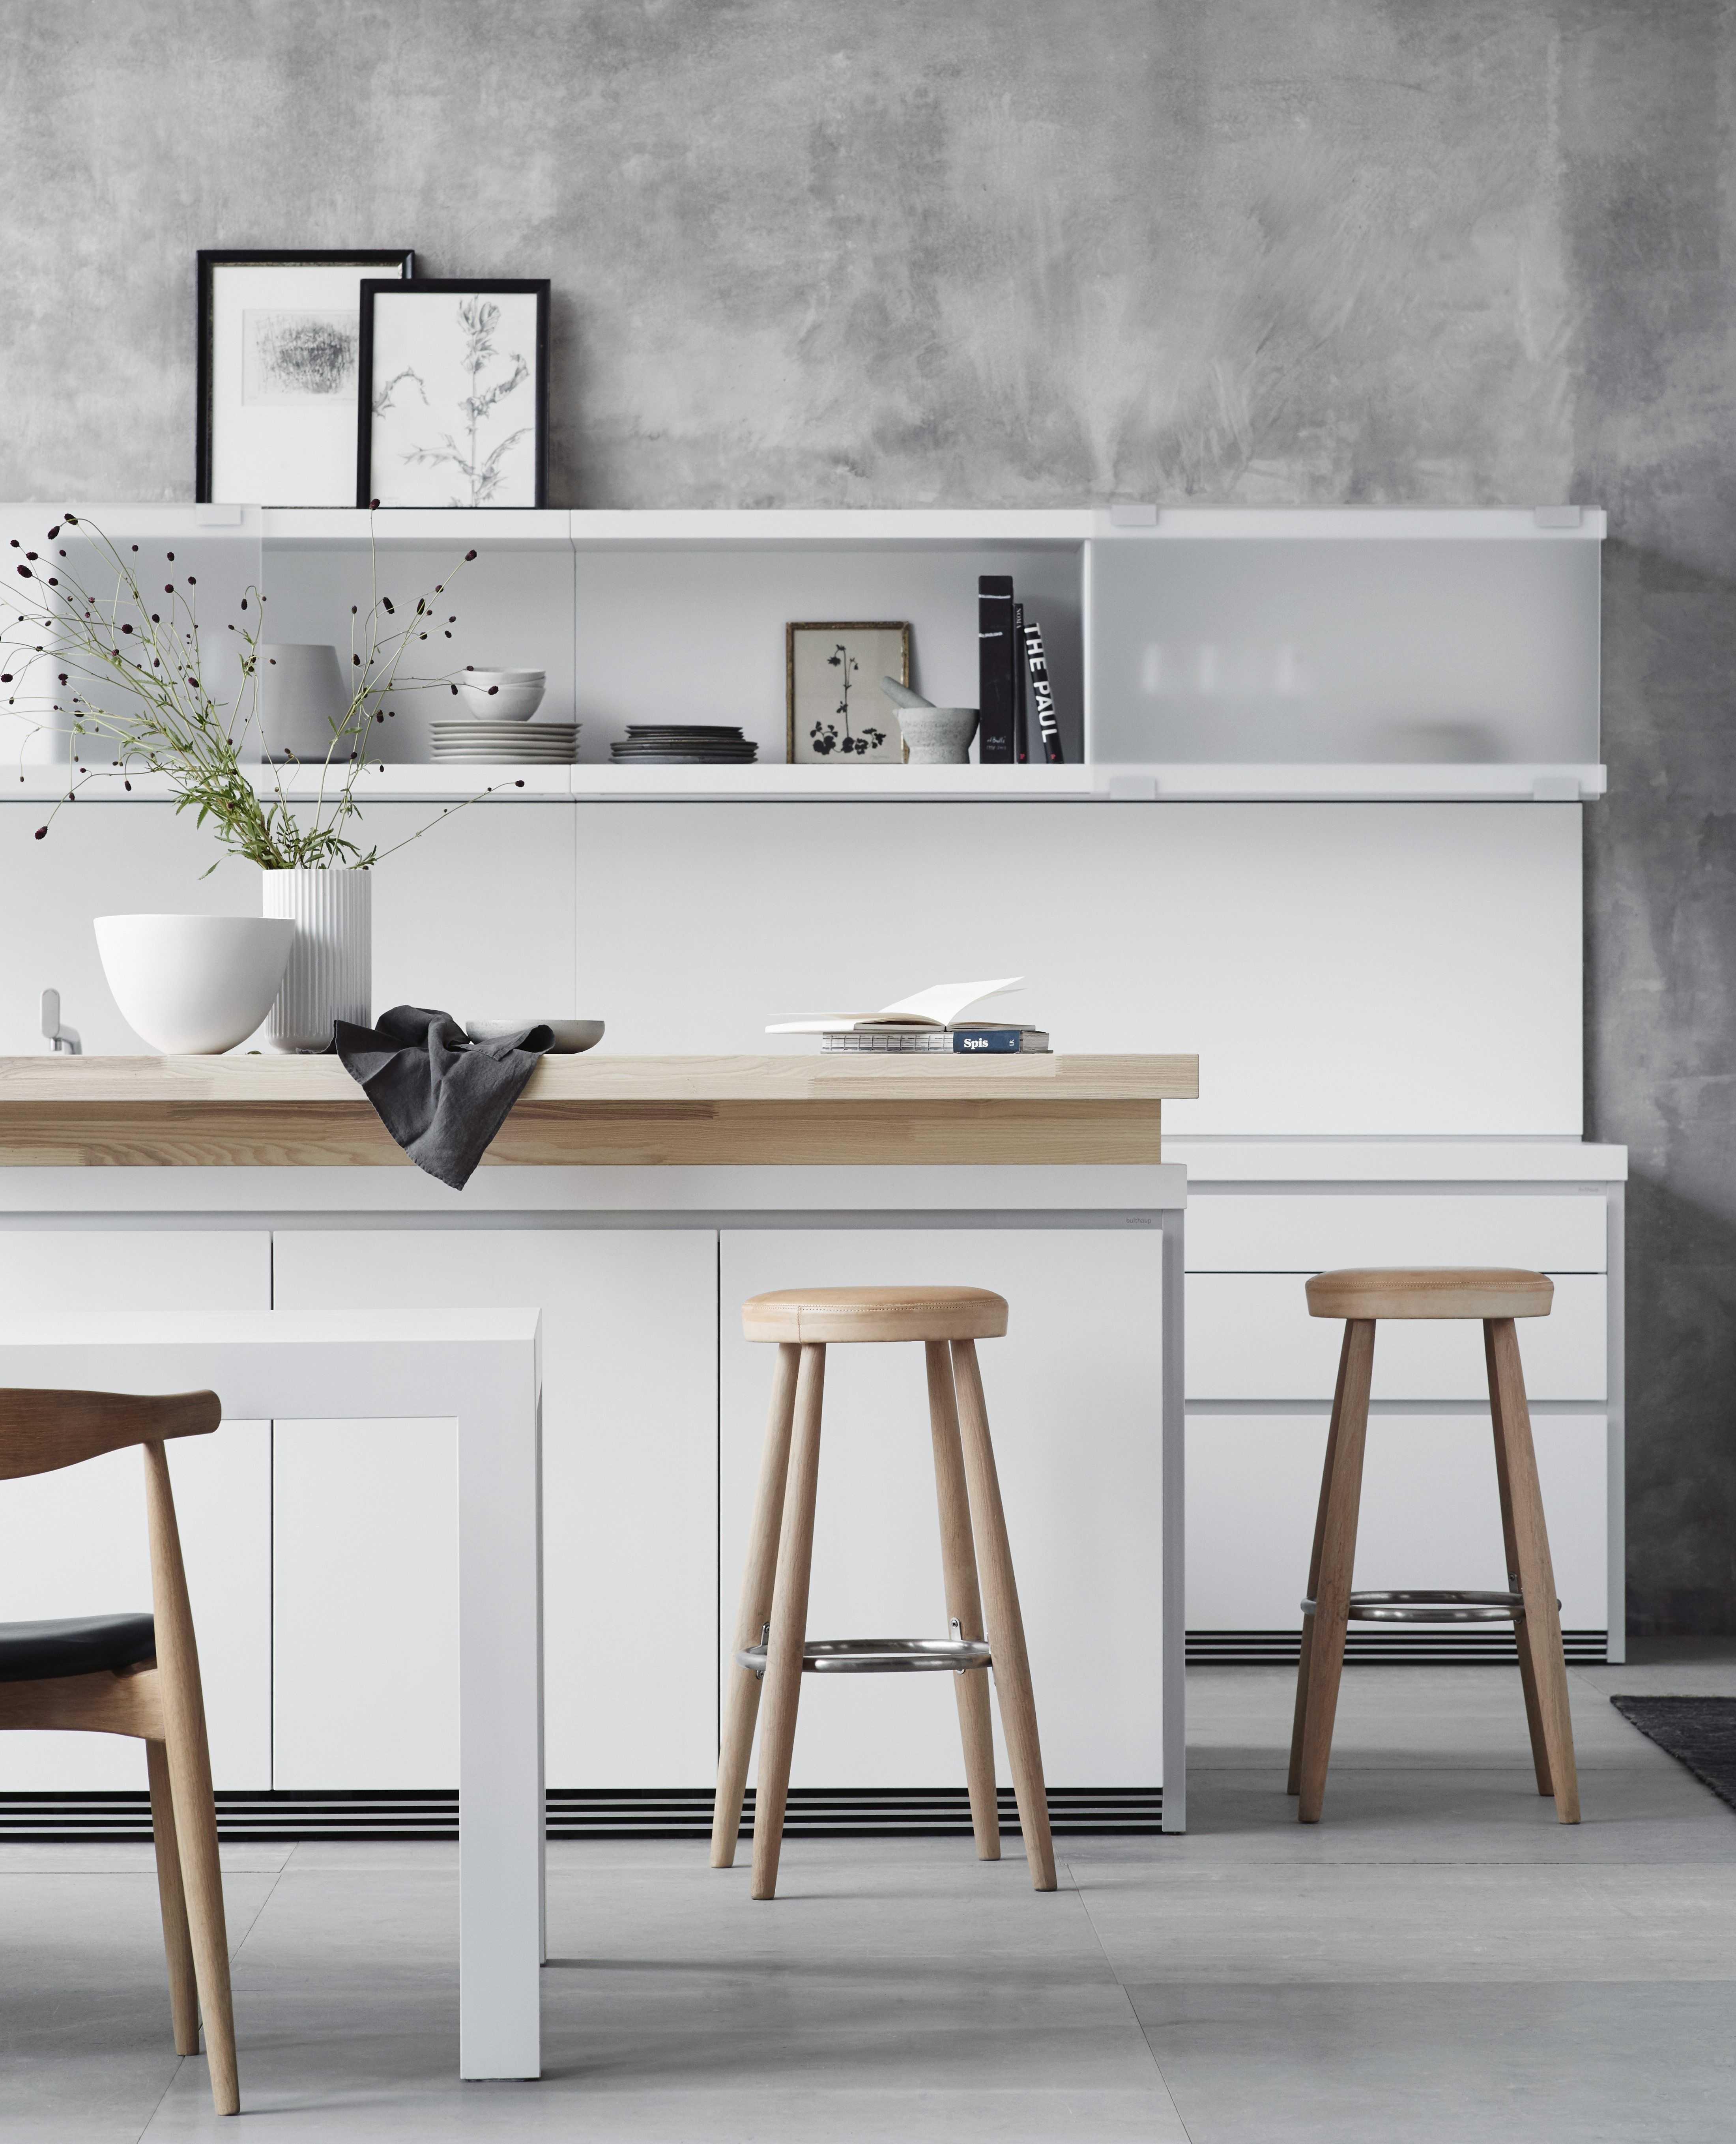 bulthaup b1 copenhagen wegner barstools here https www. Black Bedroom Furniture Sets. Home Design Ideas